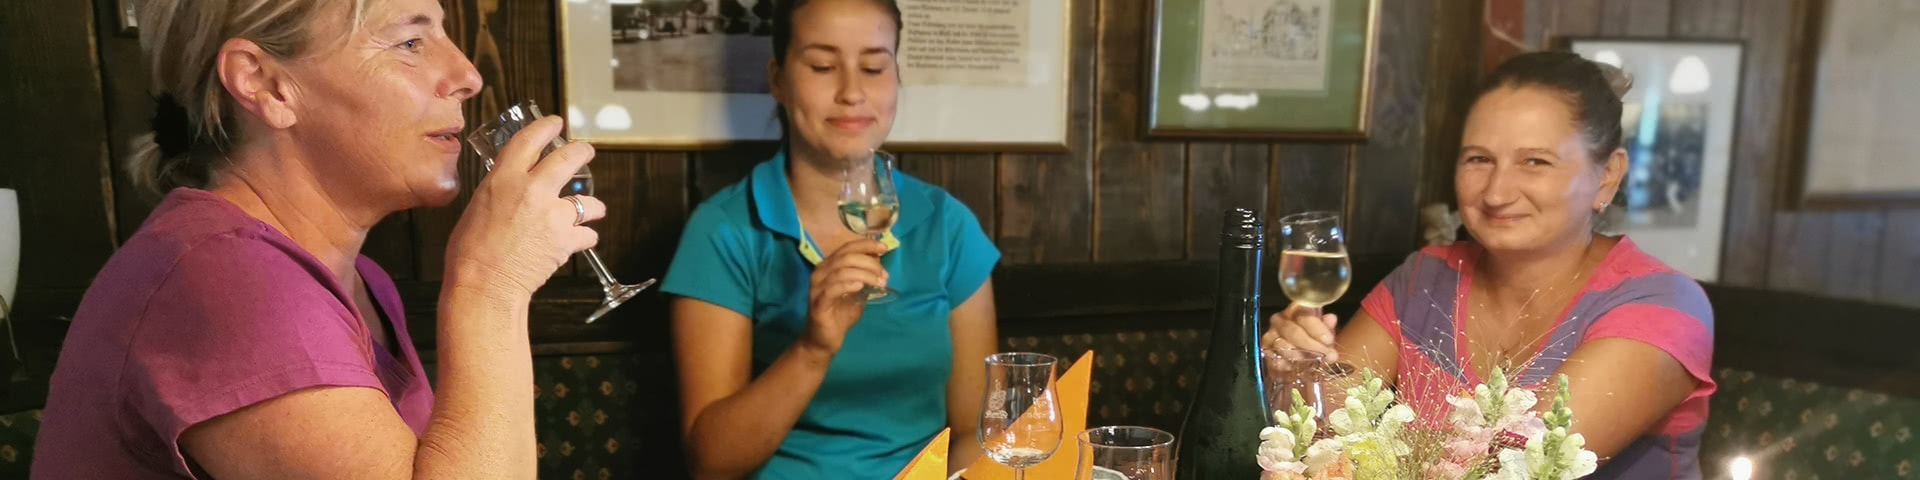 Drei Frauen trinken Wein auf einem Weingut in Trier